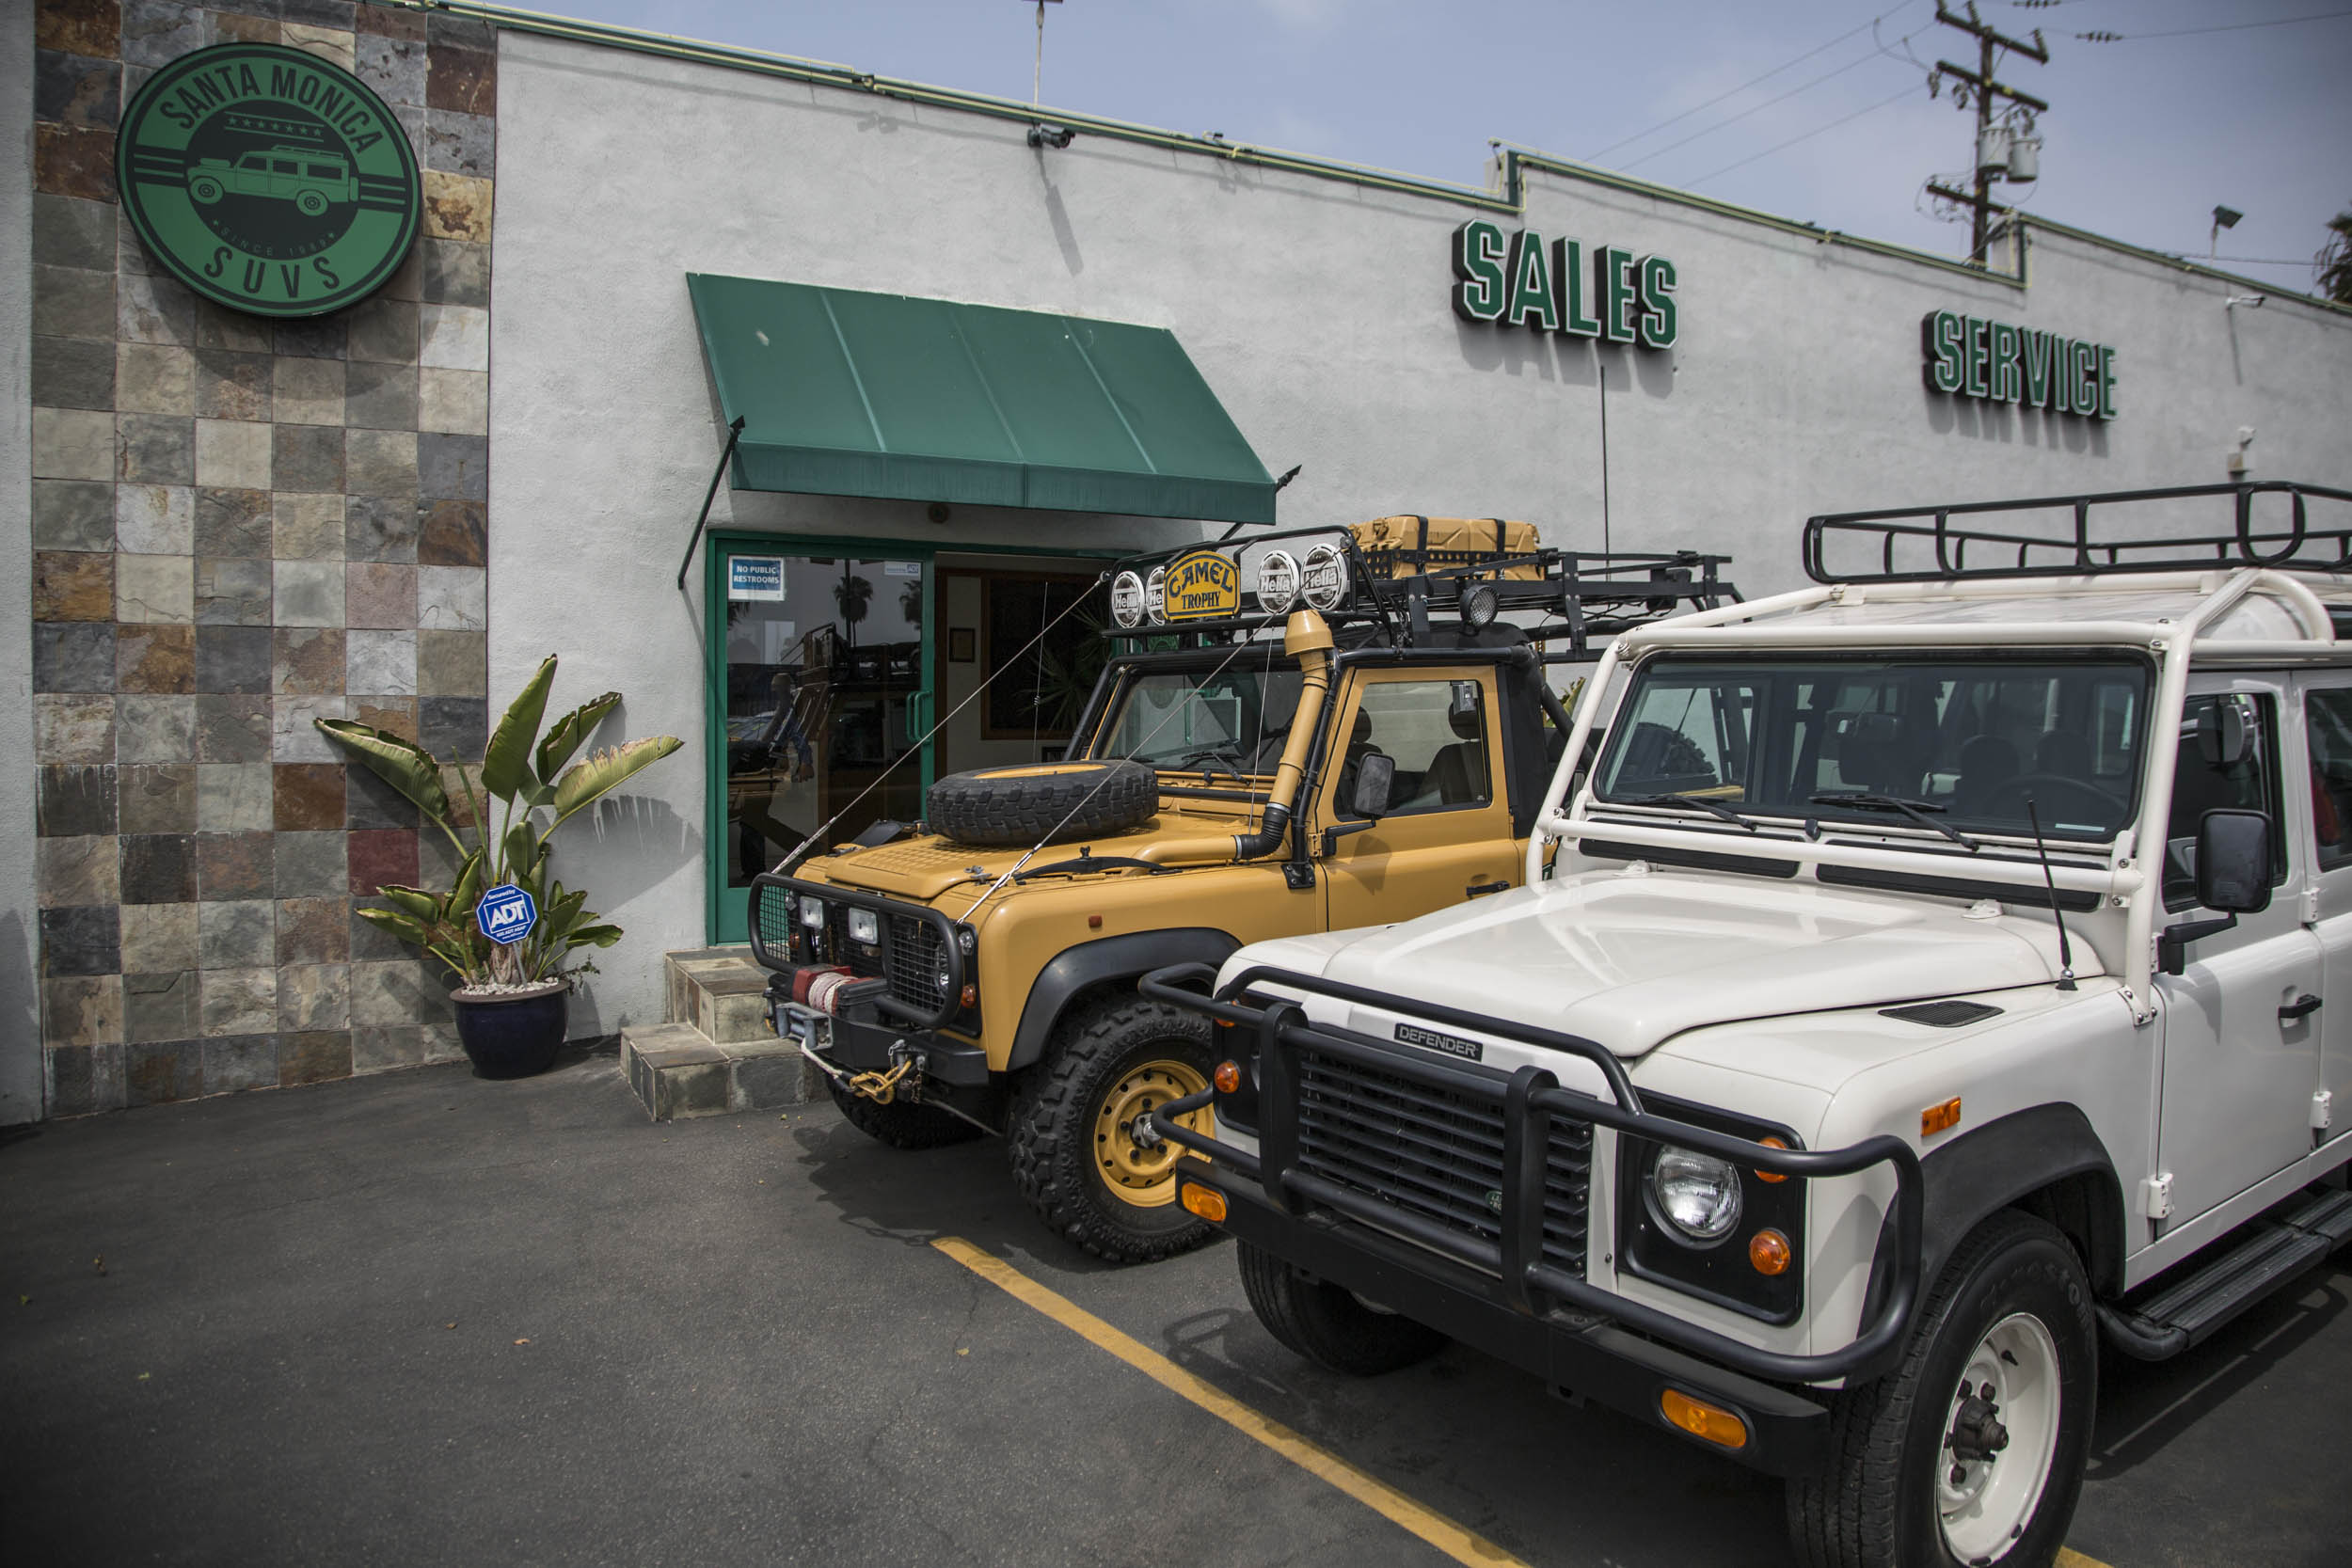 L.A.s Santa Monica SUV